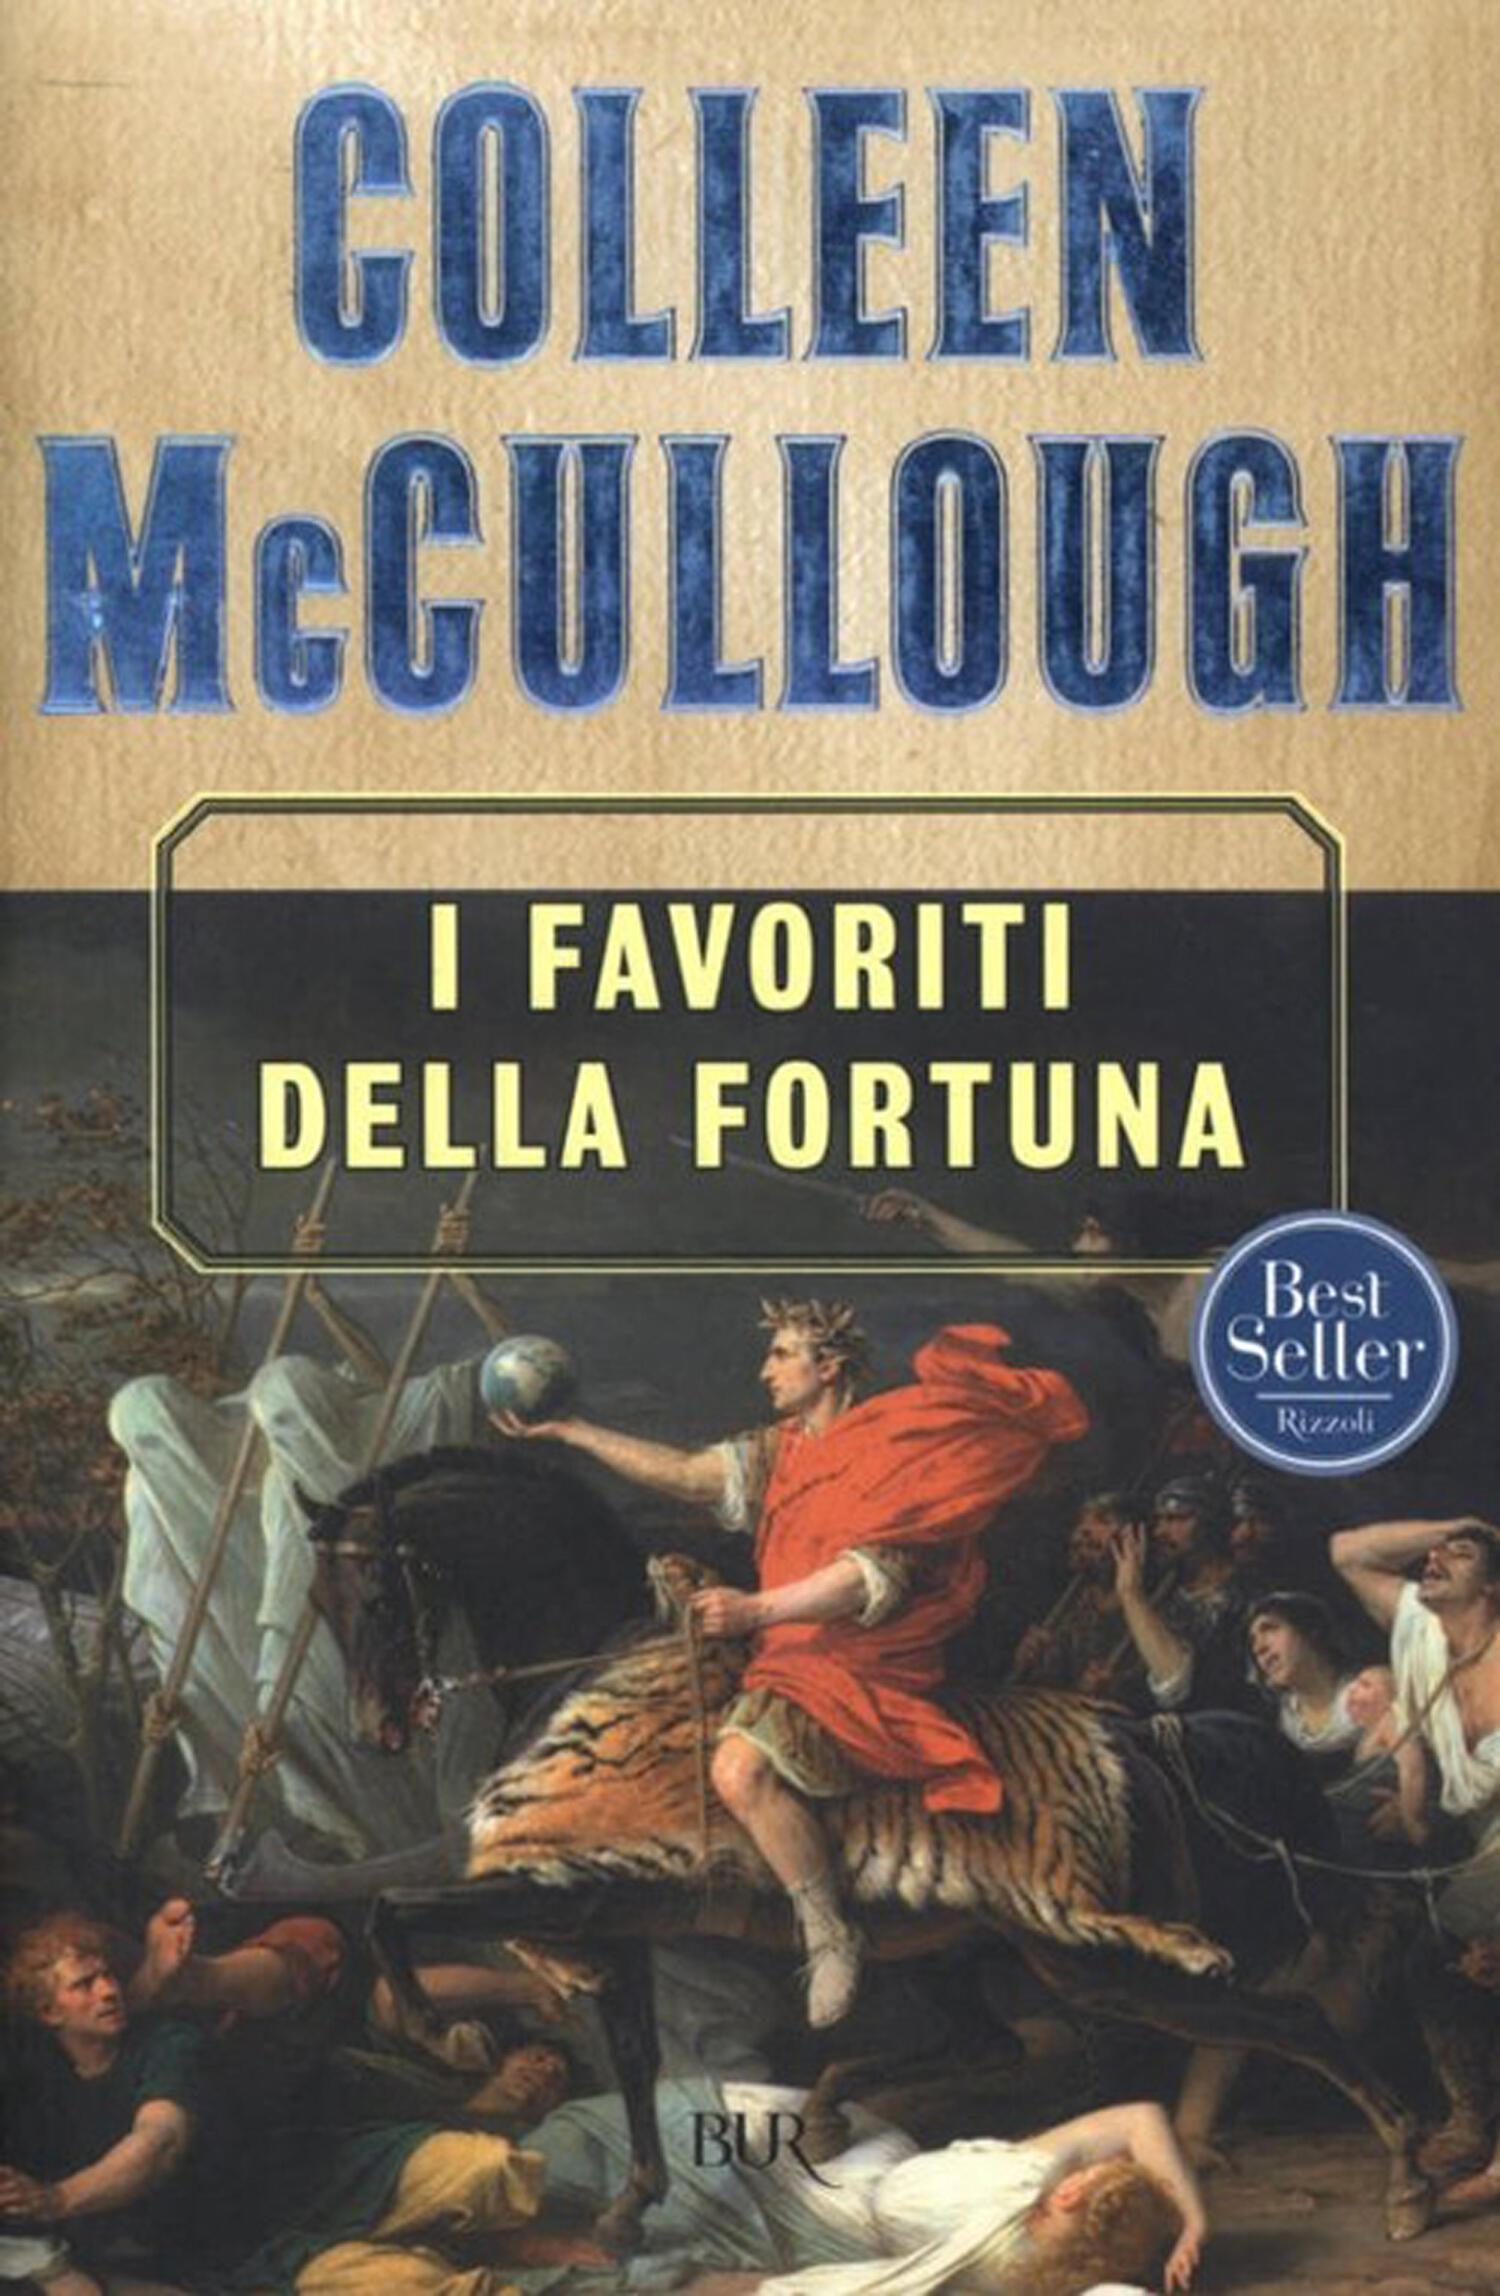 I favoriti della fortuna - McCullough, Colleen - Ebook